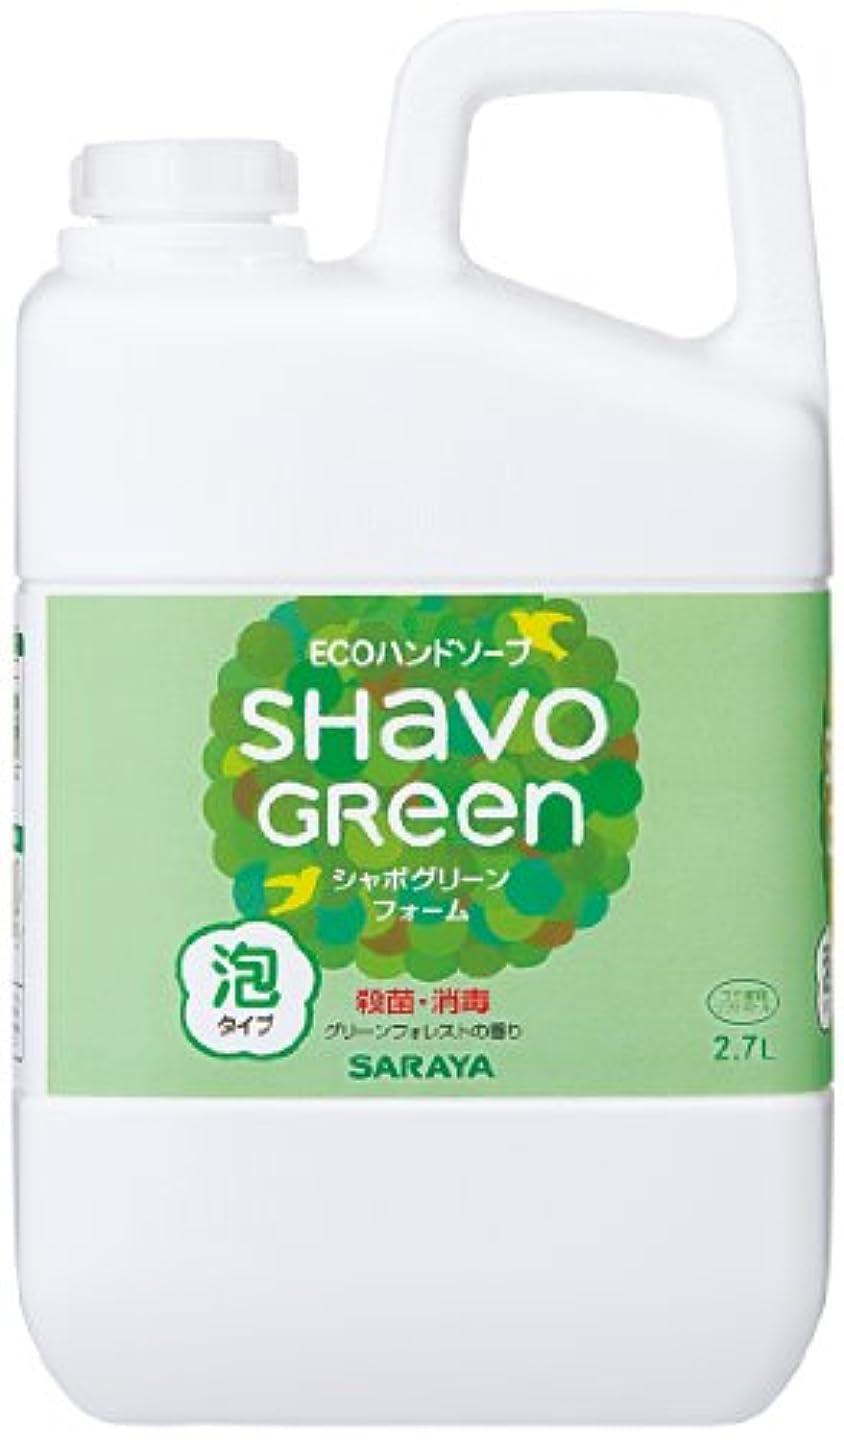 おとなしいナイロン実行サラヤ シャボグリーン フォーム 詰替用 2.7L